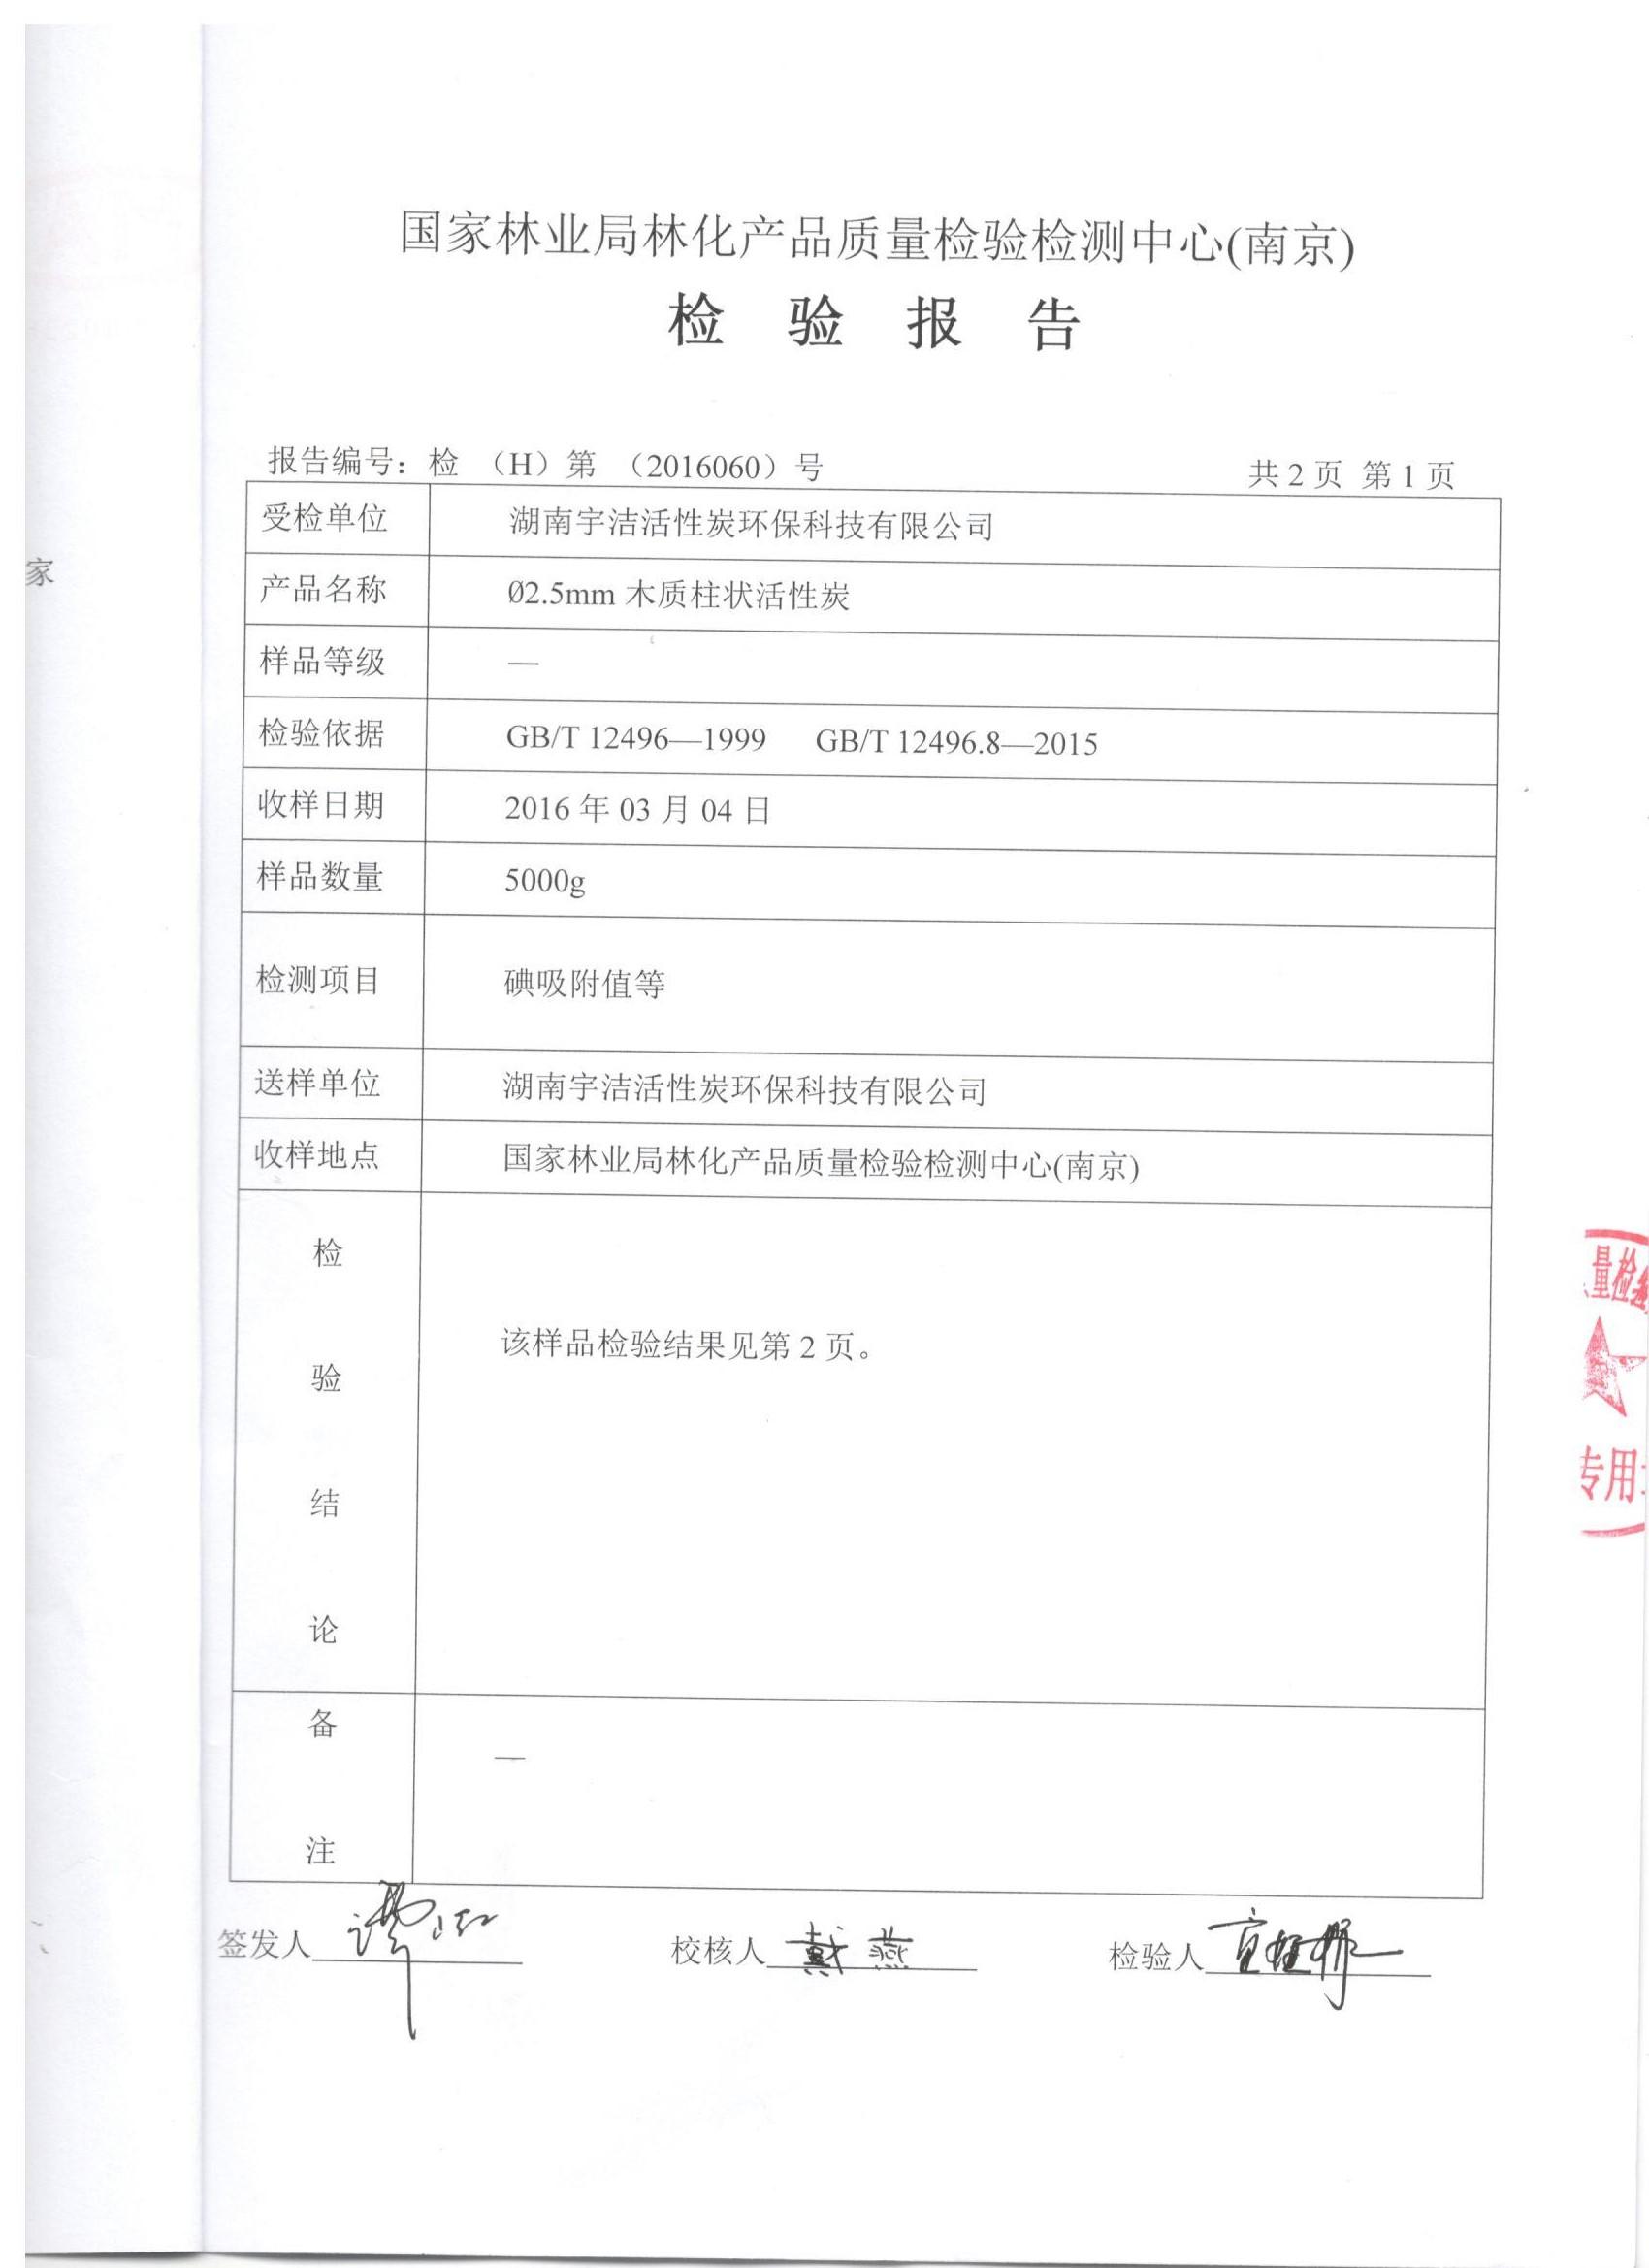 国家林业局林化产品质量检验检测中心(南京)检测报告 02